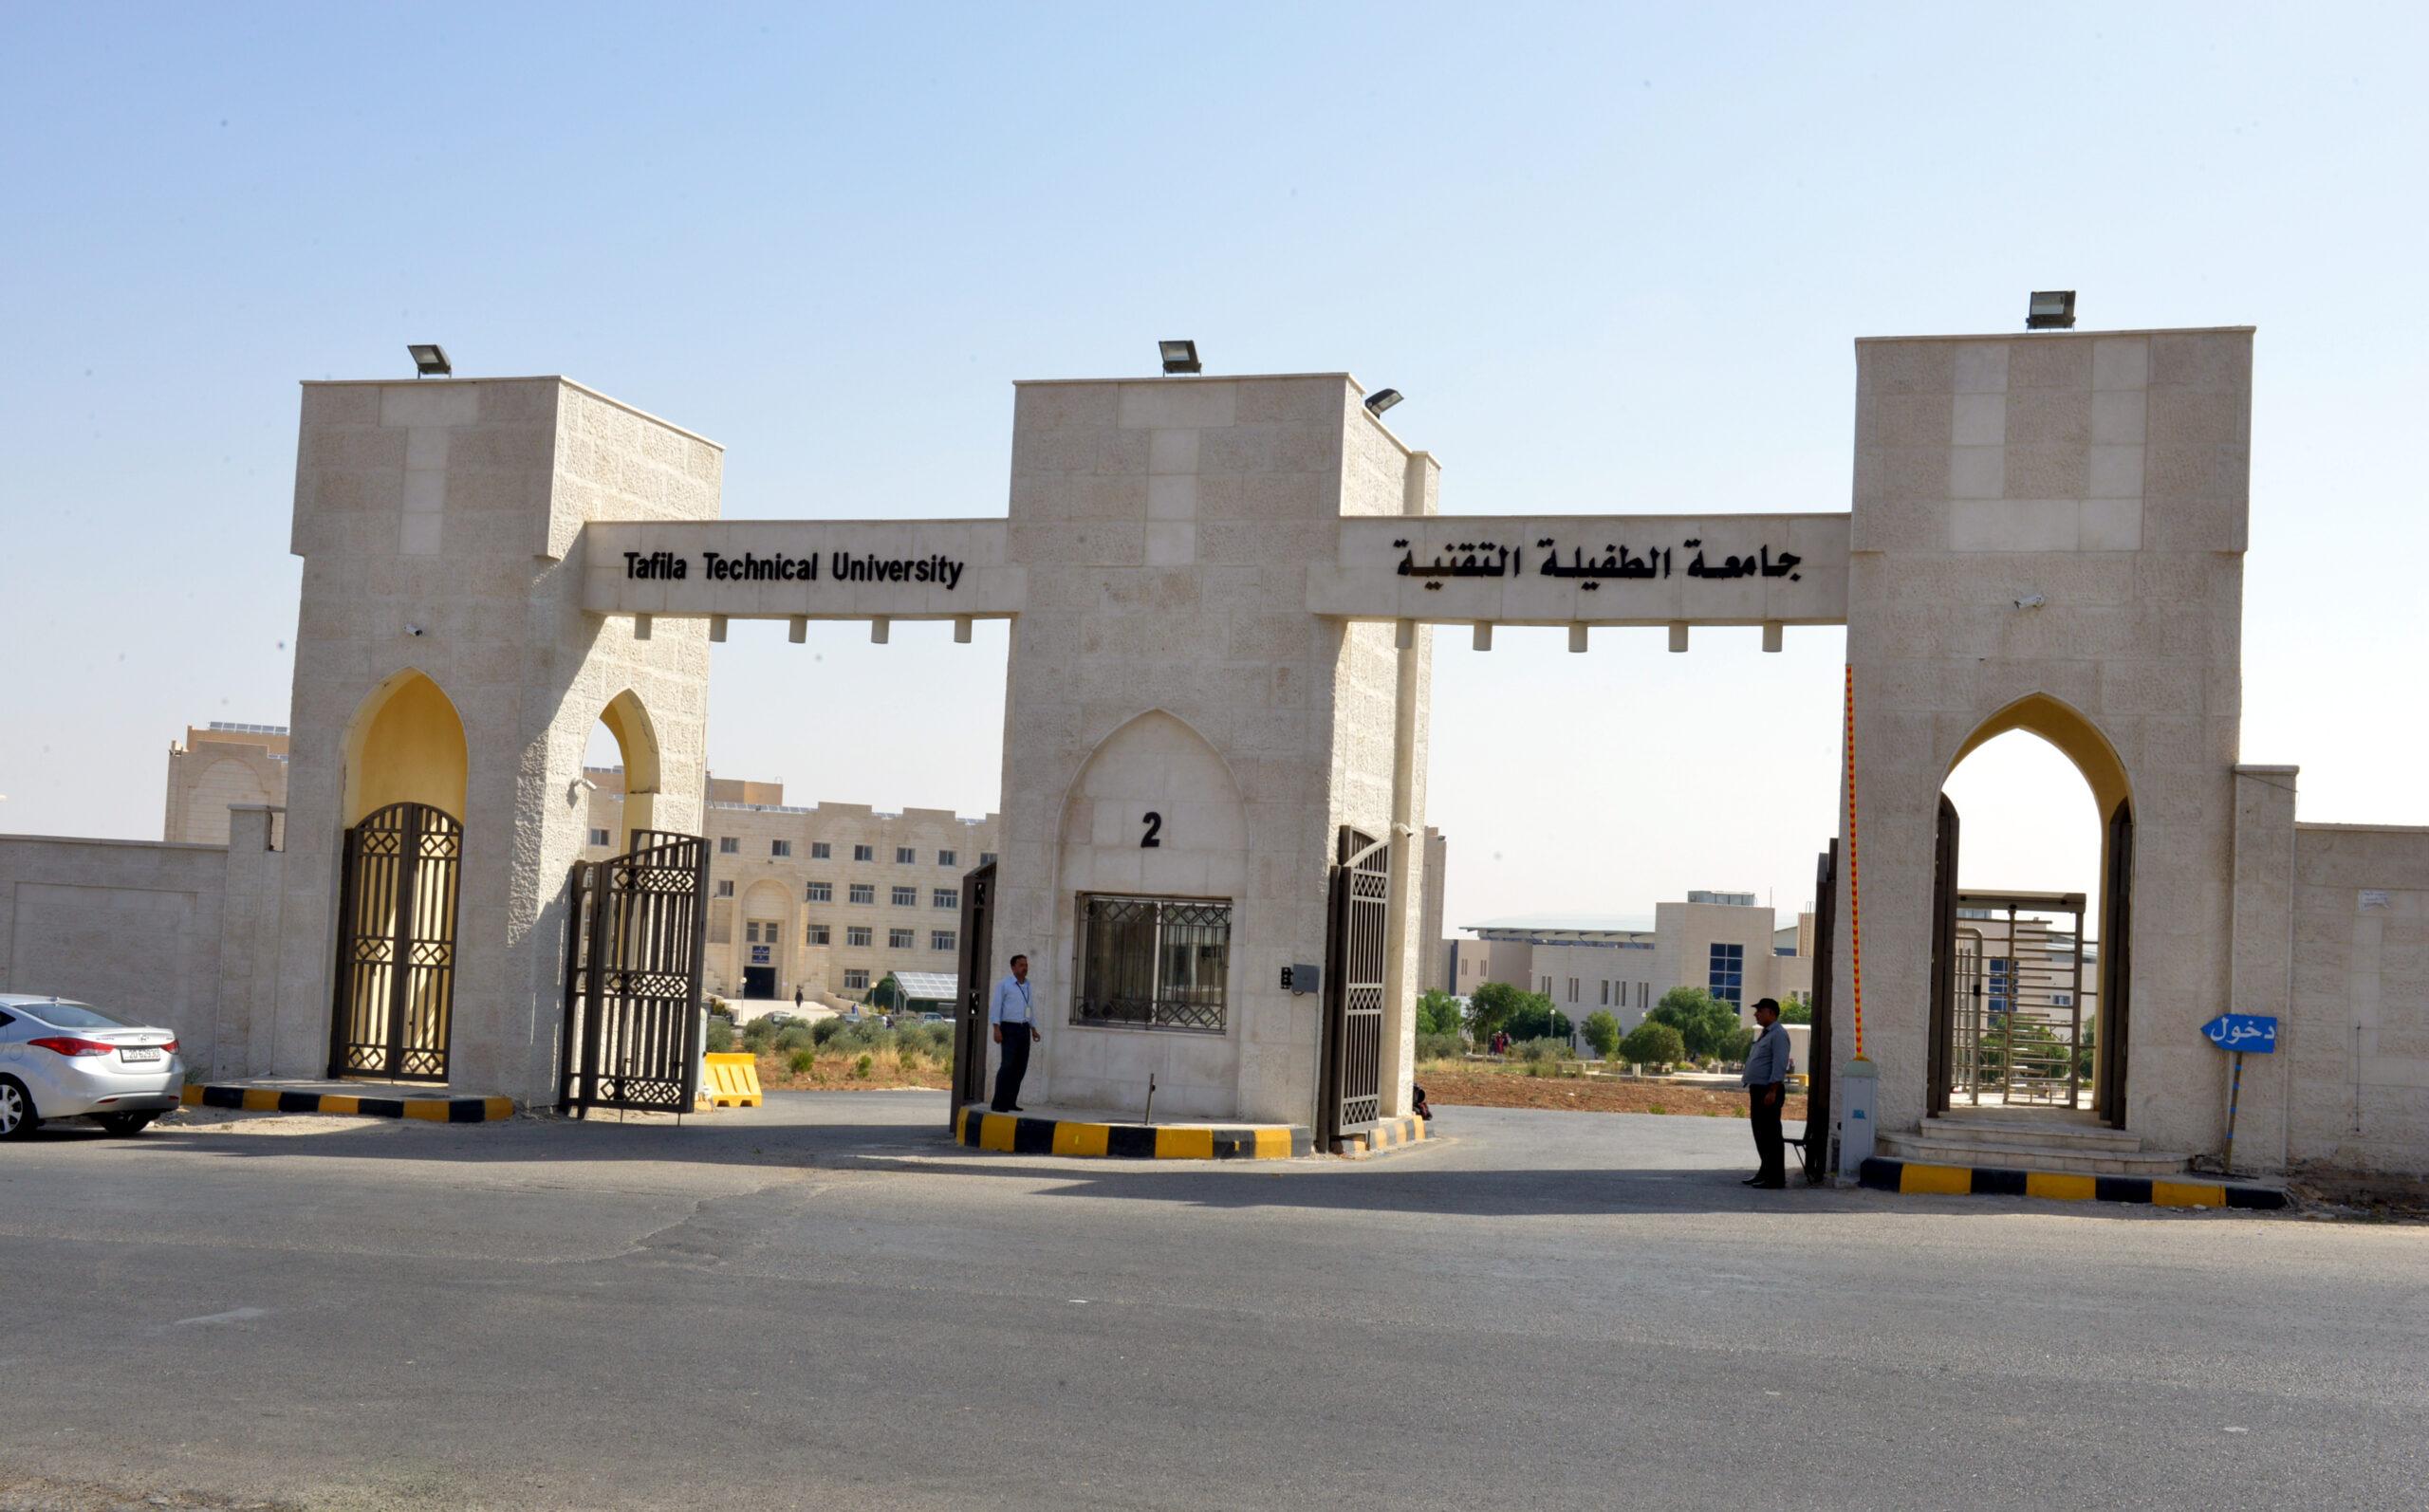 Tafila Technical University marks Kingdom's 100th anniversary